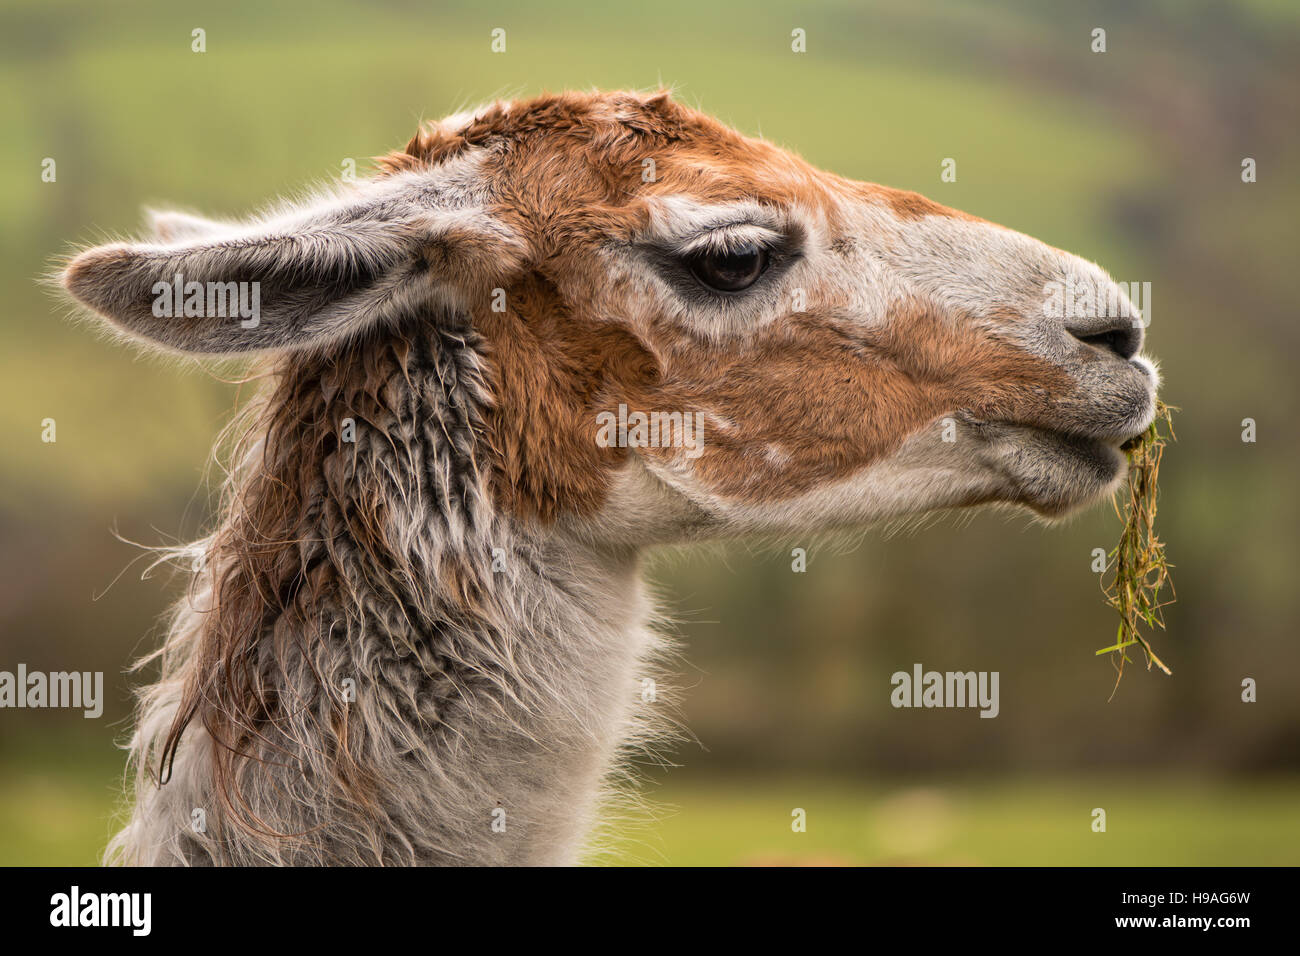 Llama testa con erba appesi da bocca. Marrone e bianco camelid nel profilo di erba da masticare con capelli aggrovigliati Immagini Stock